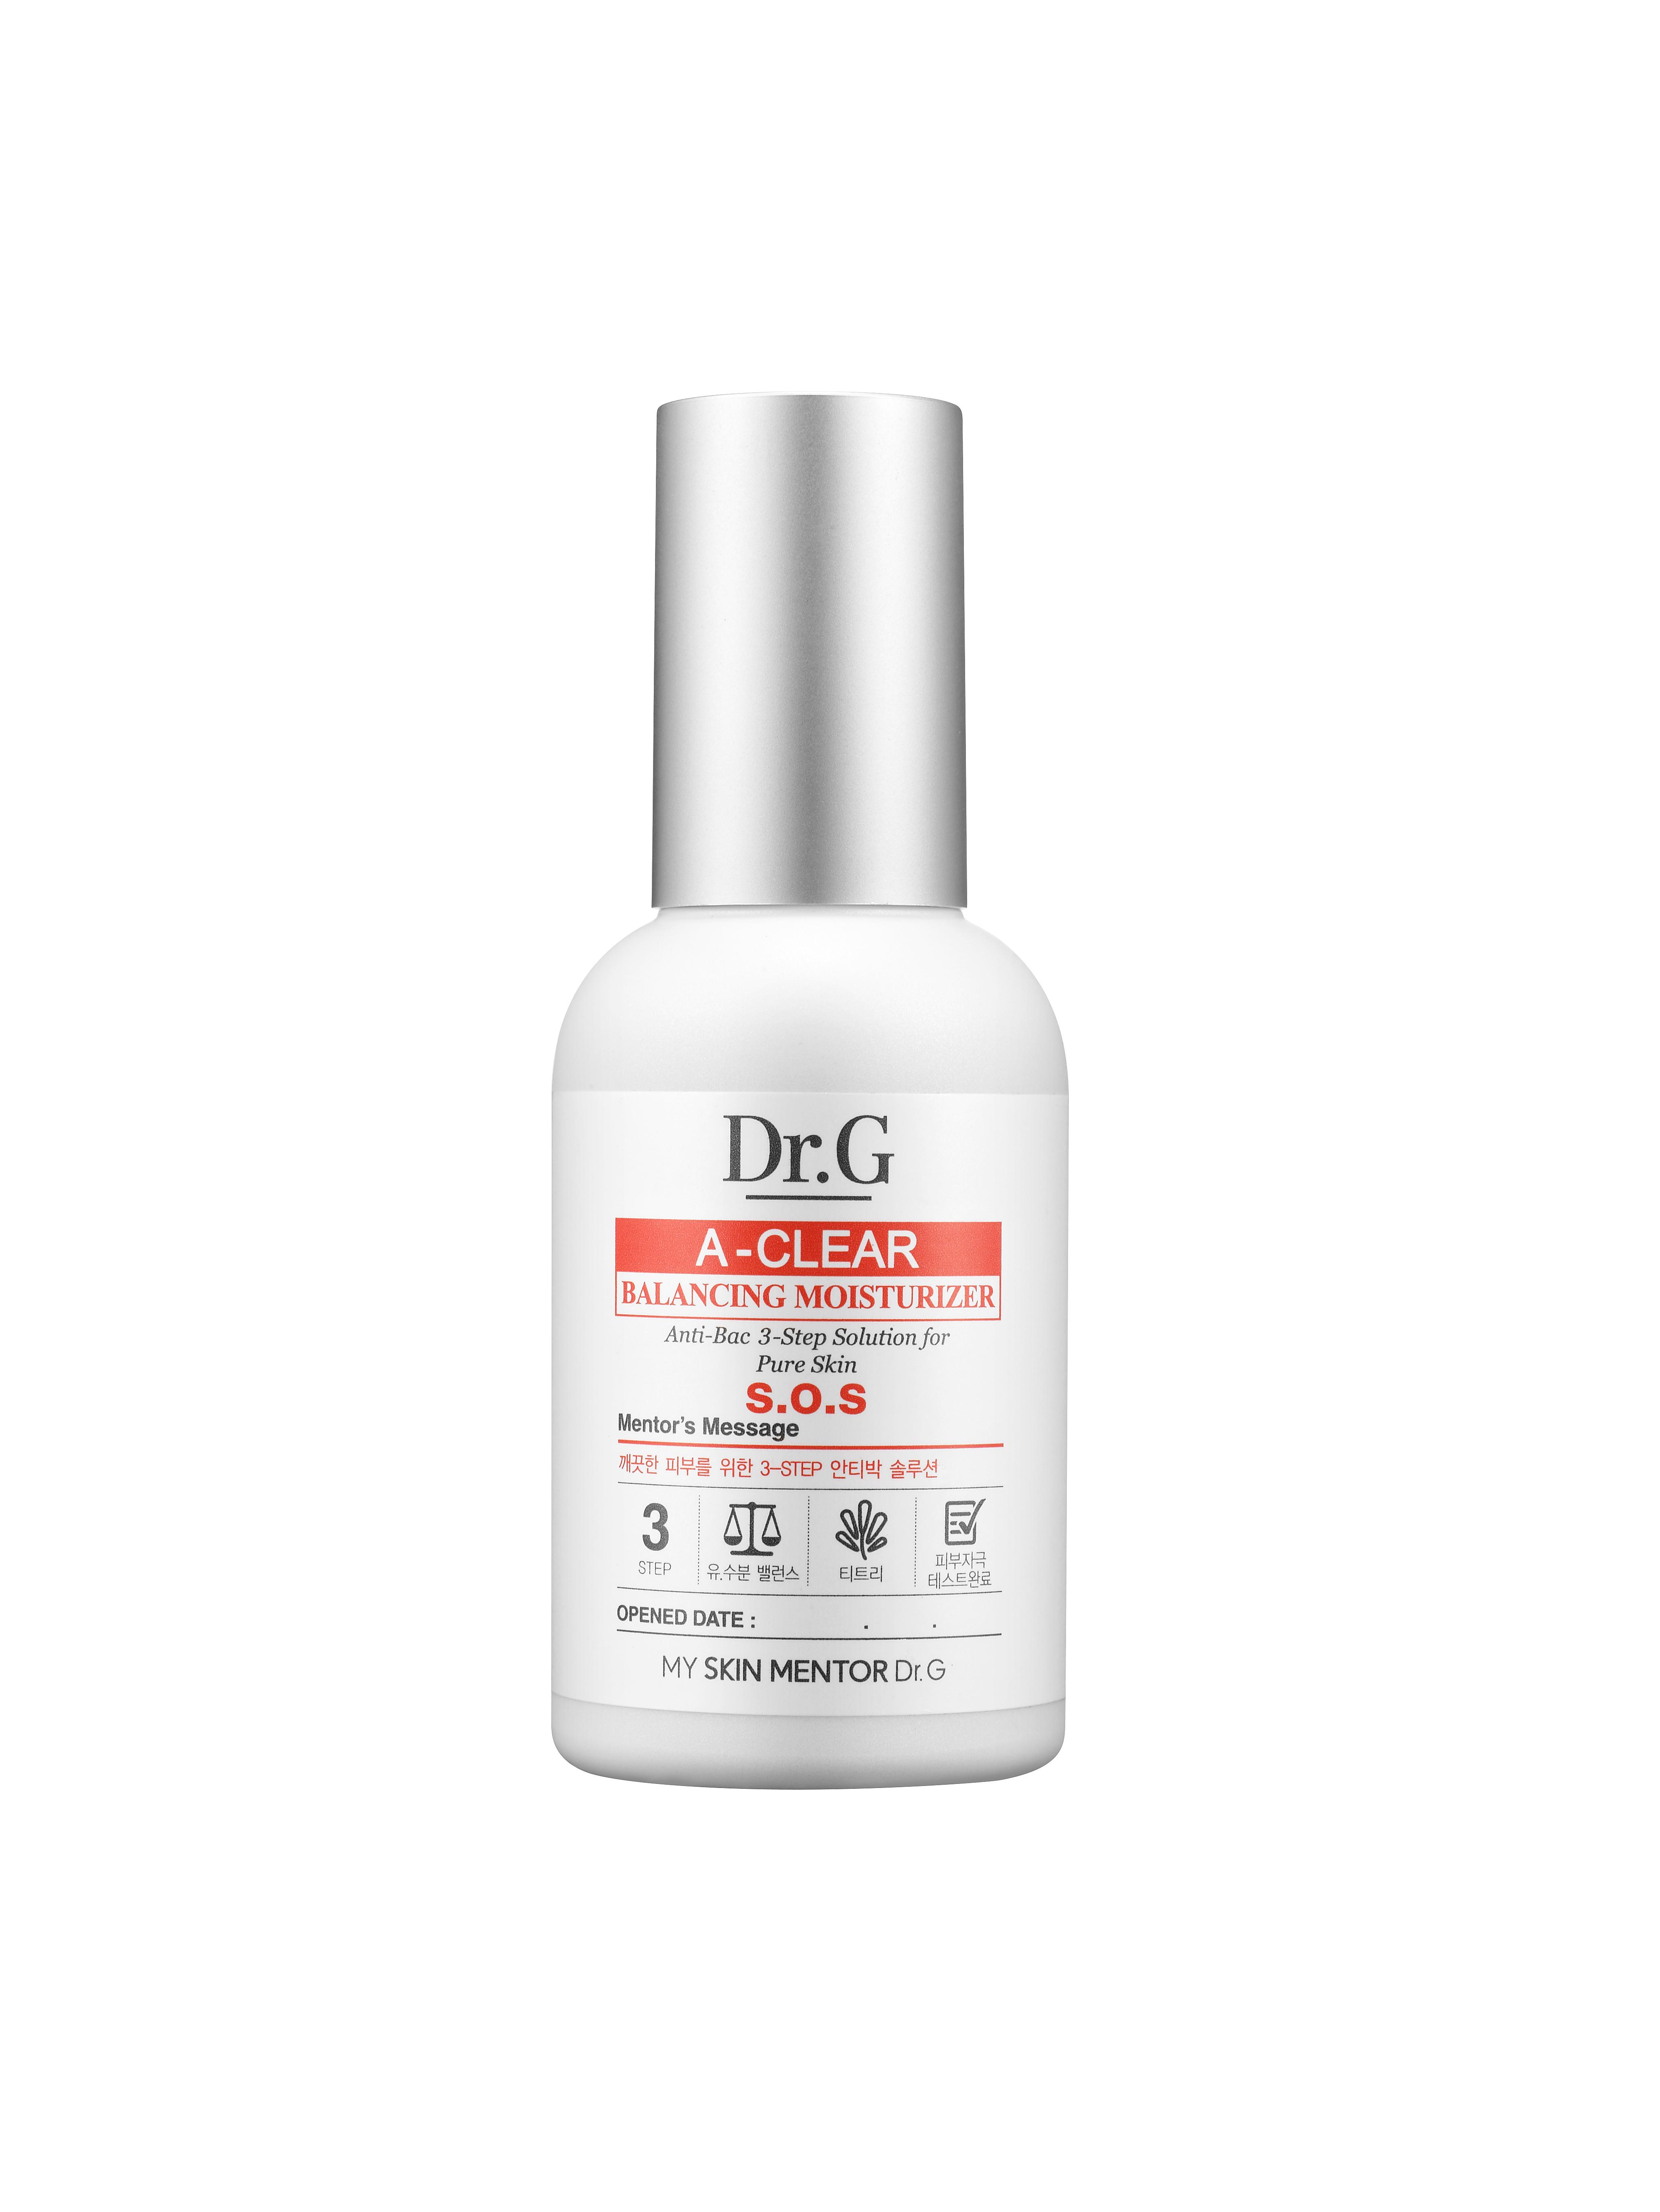 Dr. G Лосьон балансирующий для проблемной кожи A-Clear, 50 млDG131334Лосьон восстановливает гидро-липидный баланс, контролируя работу сальных желез. Хорошо очищает кожу и забитые поры.Салициловая кислота и масло чайного дерева оказывают антибактериальное воздействие, подавляя инфекции. Идеально подходит для проблемной кожи, предотвращает появление прыщей.